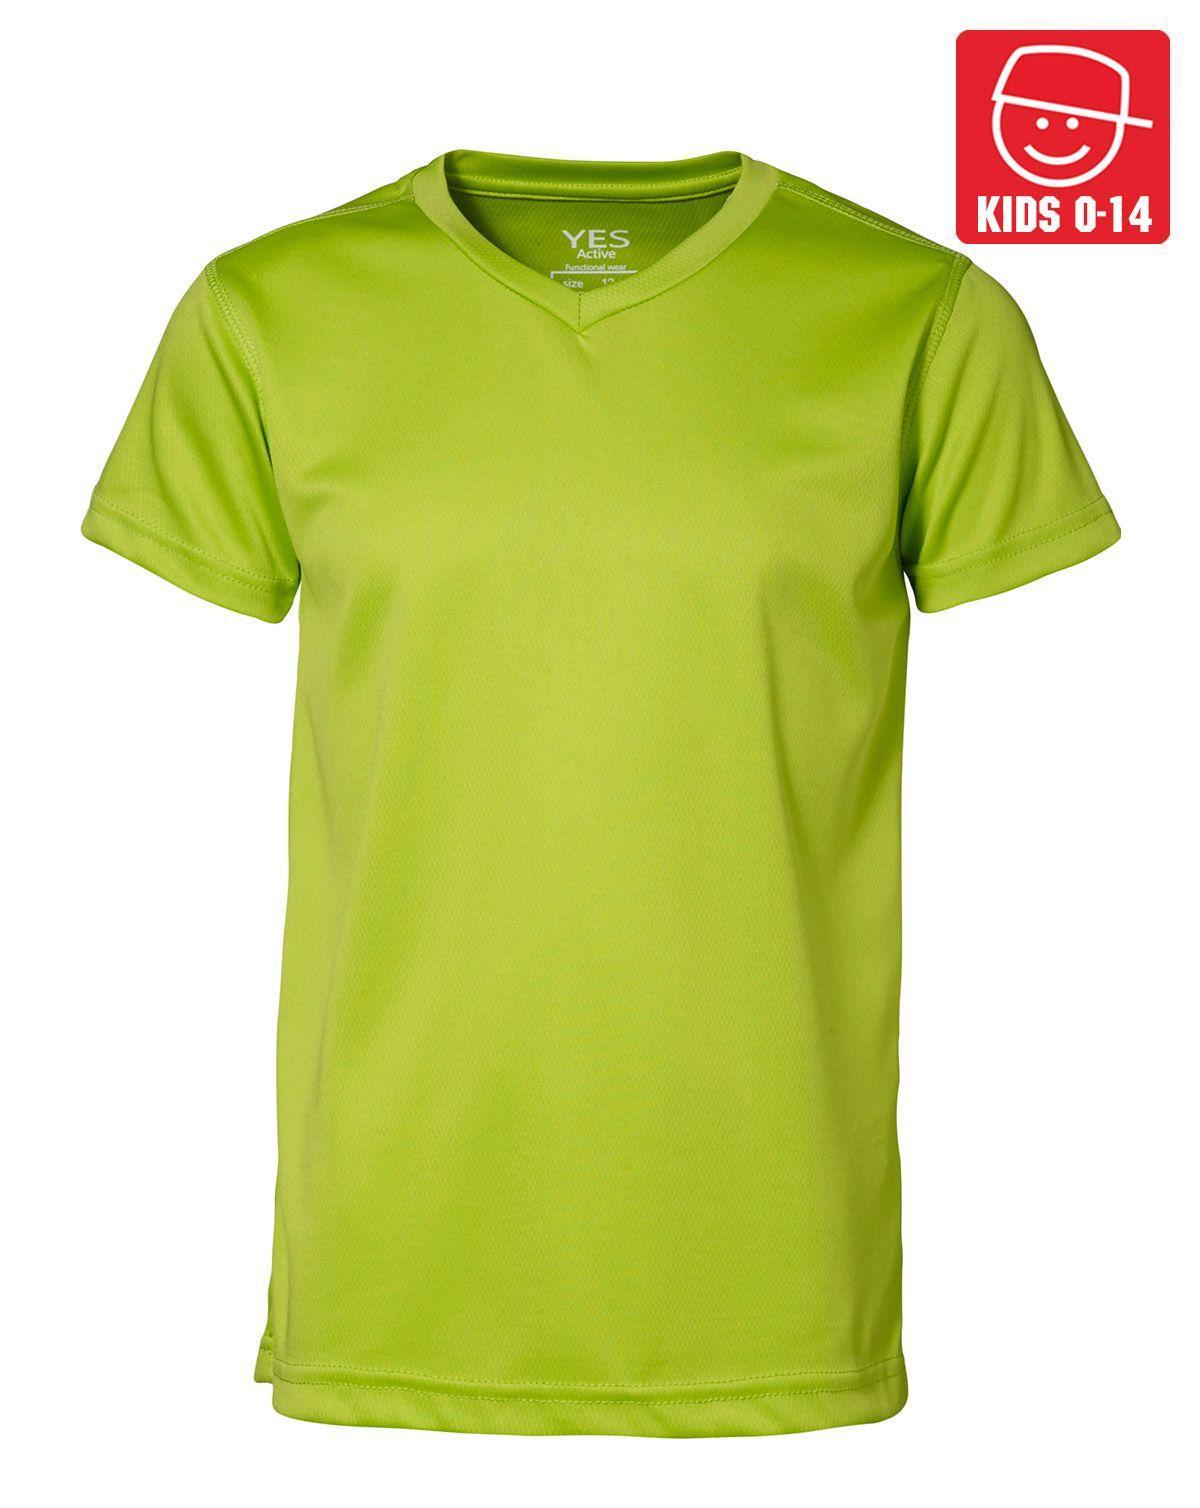 Image of   ID YES Svedtransporterende T-shirt til Børn (Lime, 128)